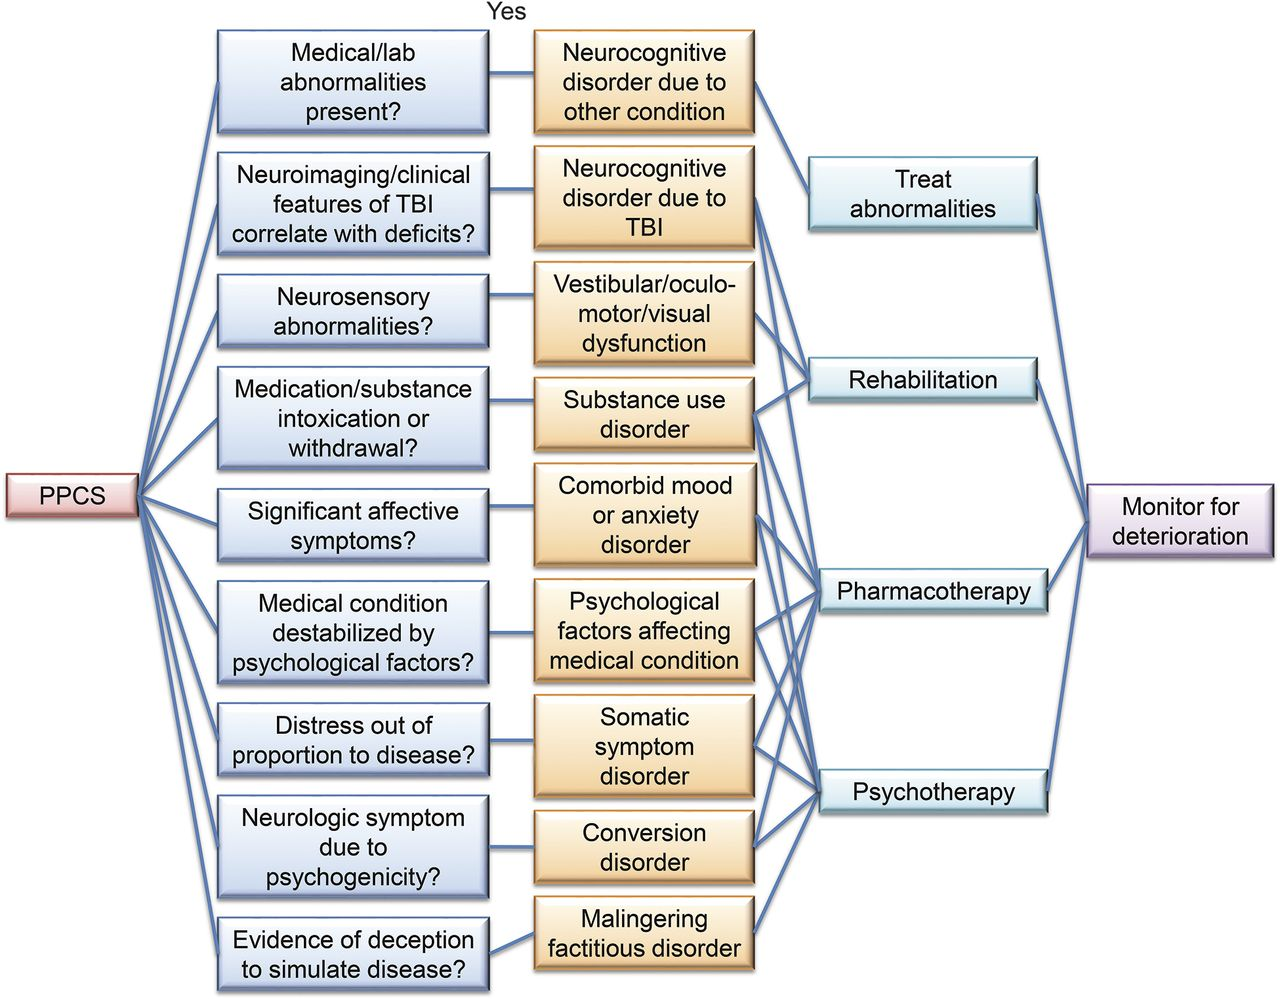 polytrauma icd 10